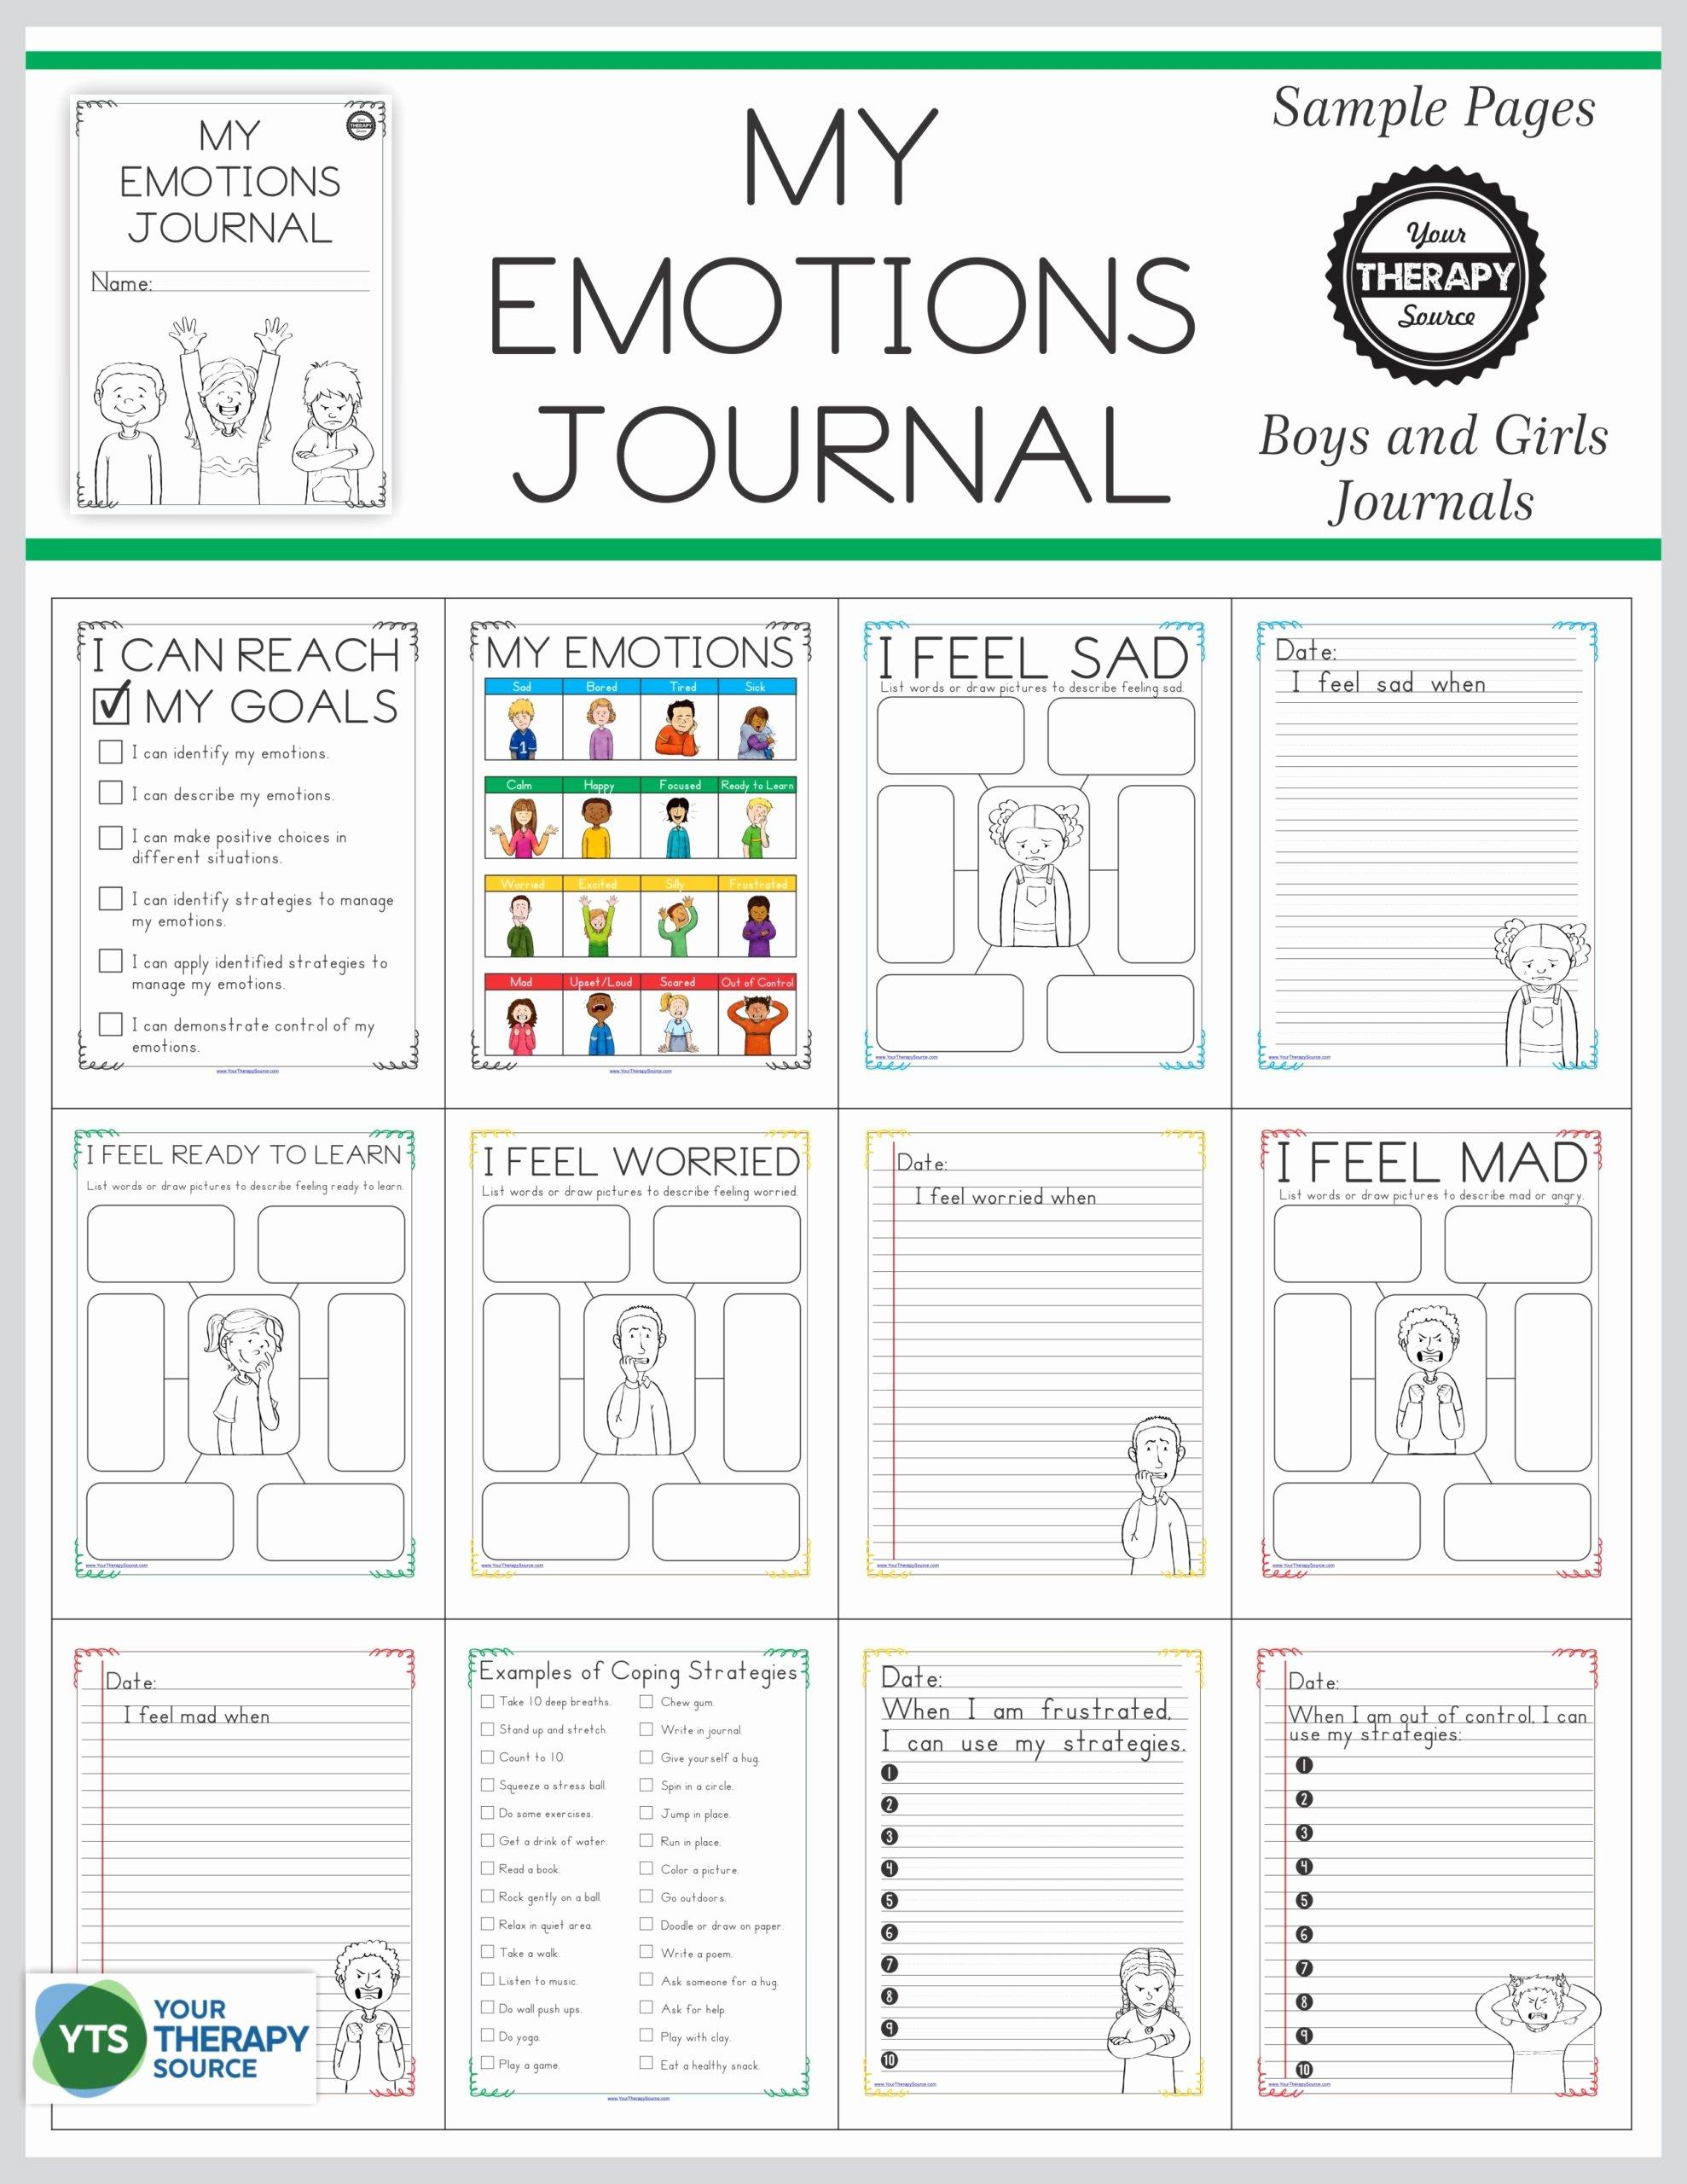 Impulse Control Worksheets for Teens Kids Emotional Regulation Worksheets for Boys and Girls